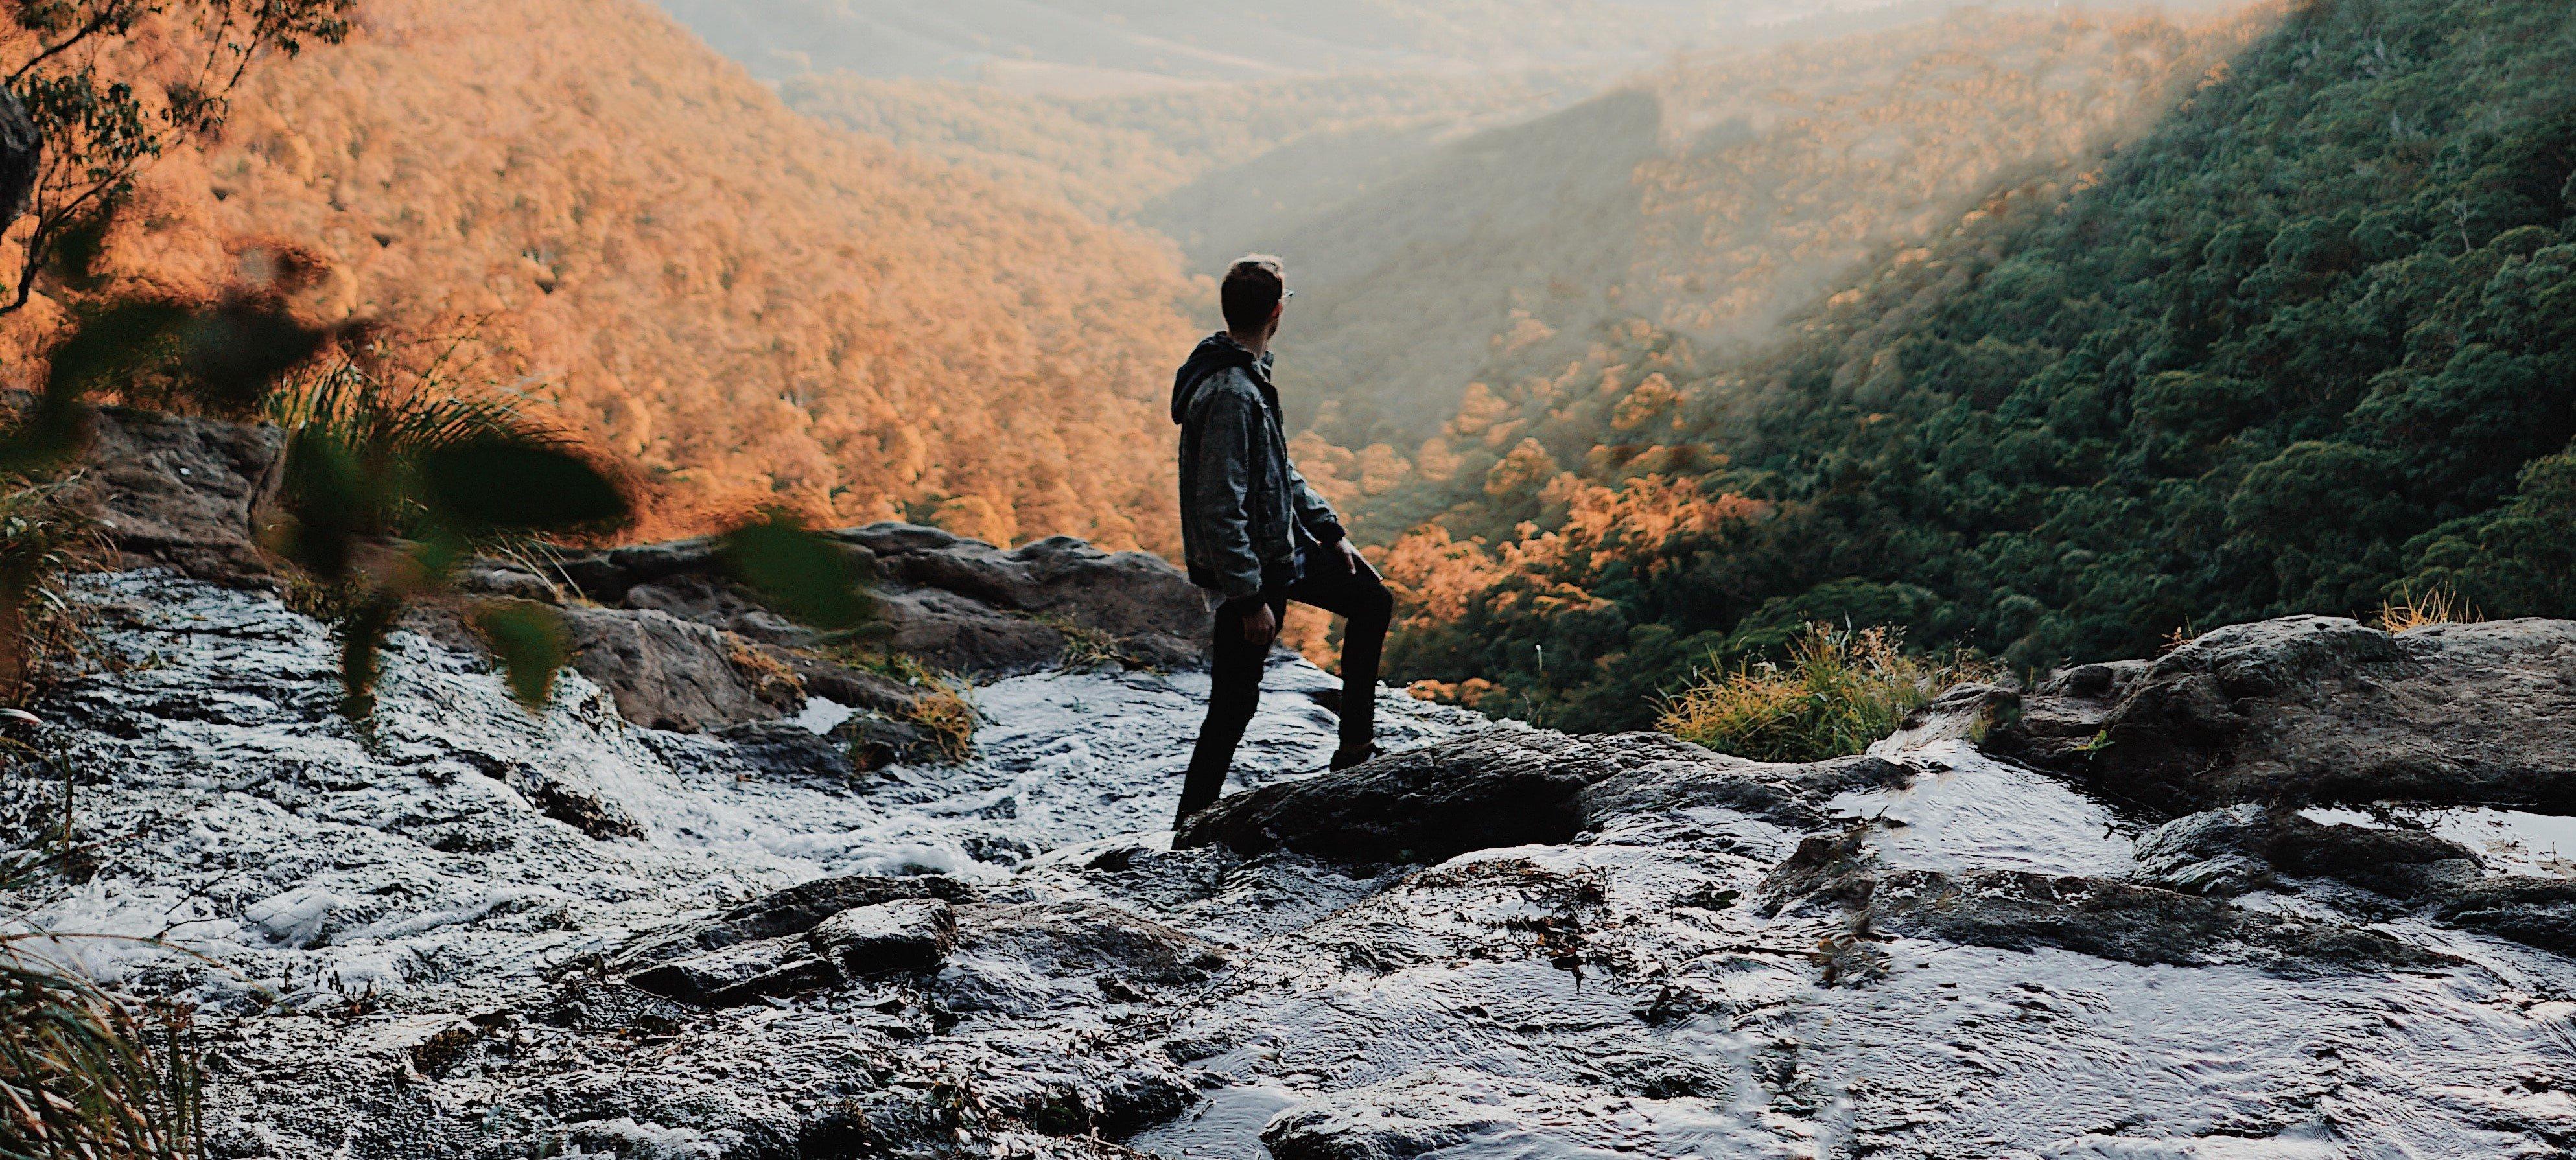 wilderness banner - chris-fuller-J2vmEGujvXQ-unsplash